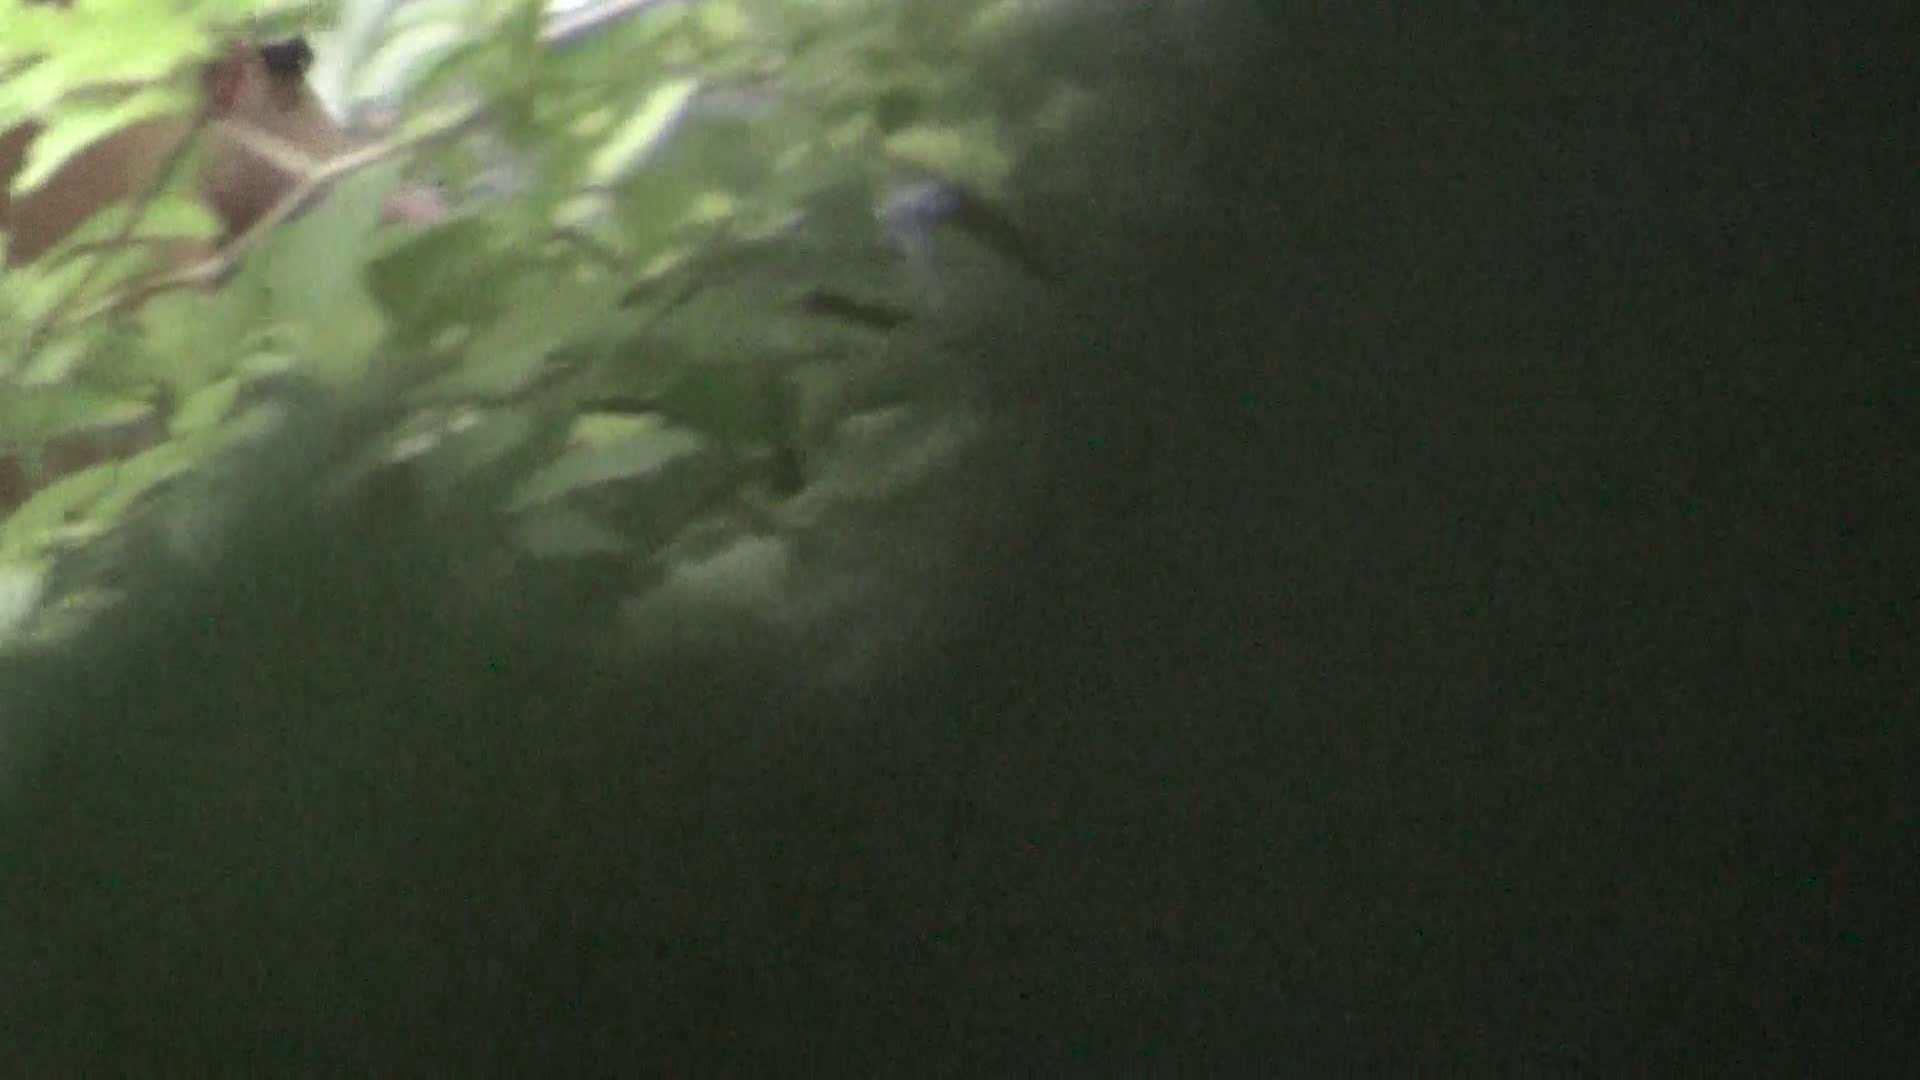 ハイビジョンVol.24 乳首にインパクトあり過ぎ美人 OLの実態 覗きぱこり動画紹介 54pic 37